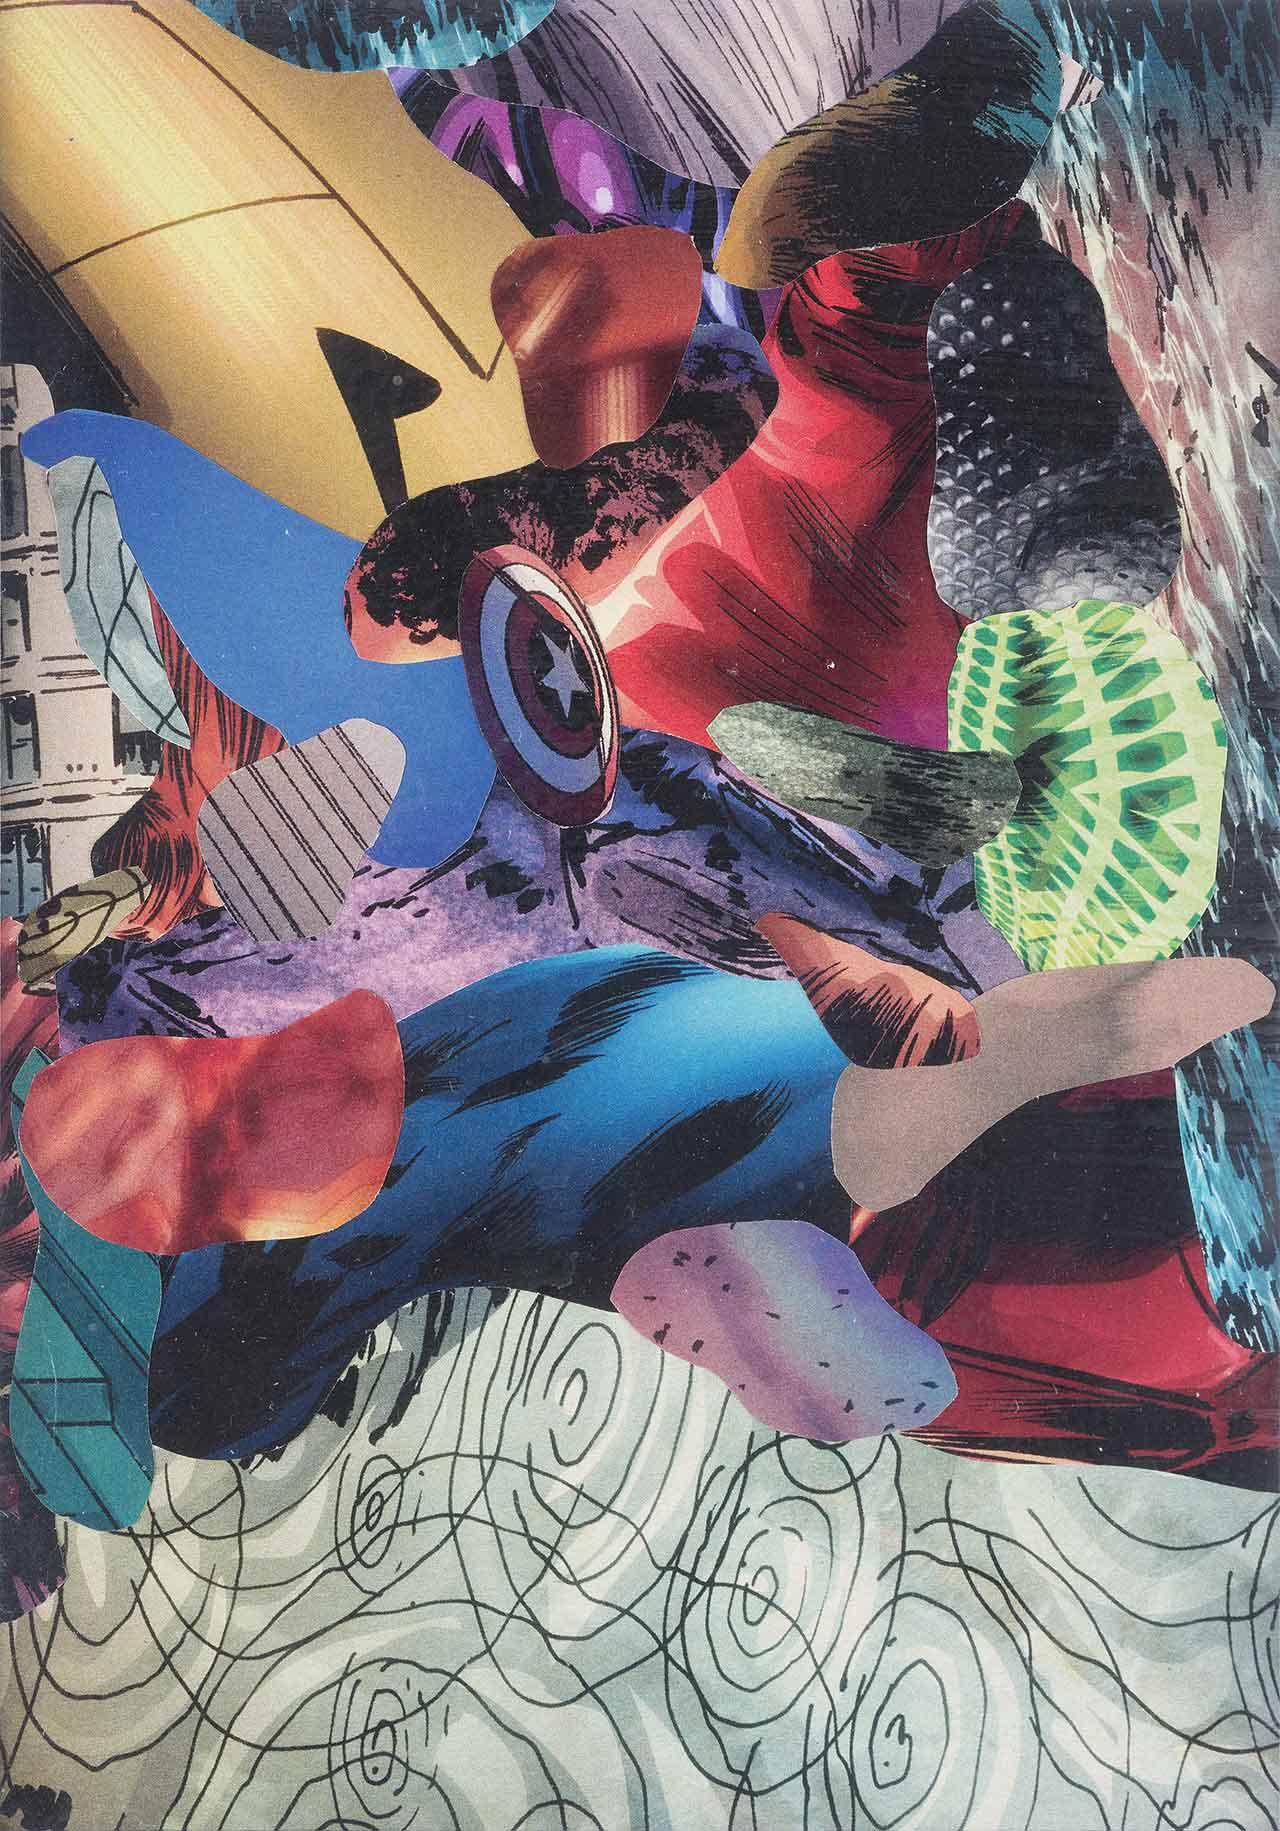 Άτιτλο (από τη σειρά Captain America vs Red Skull), 2012, Κολάζ σε χαρτί, 14x10 εκ.